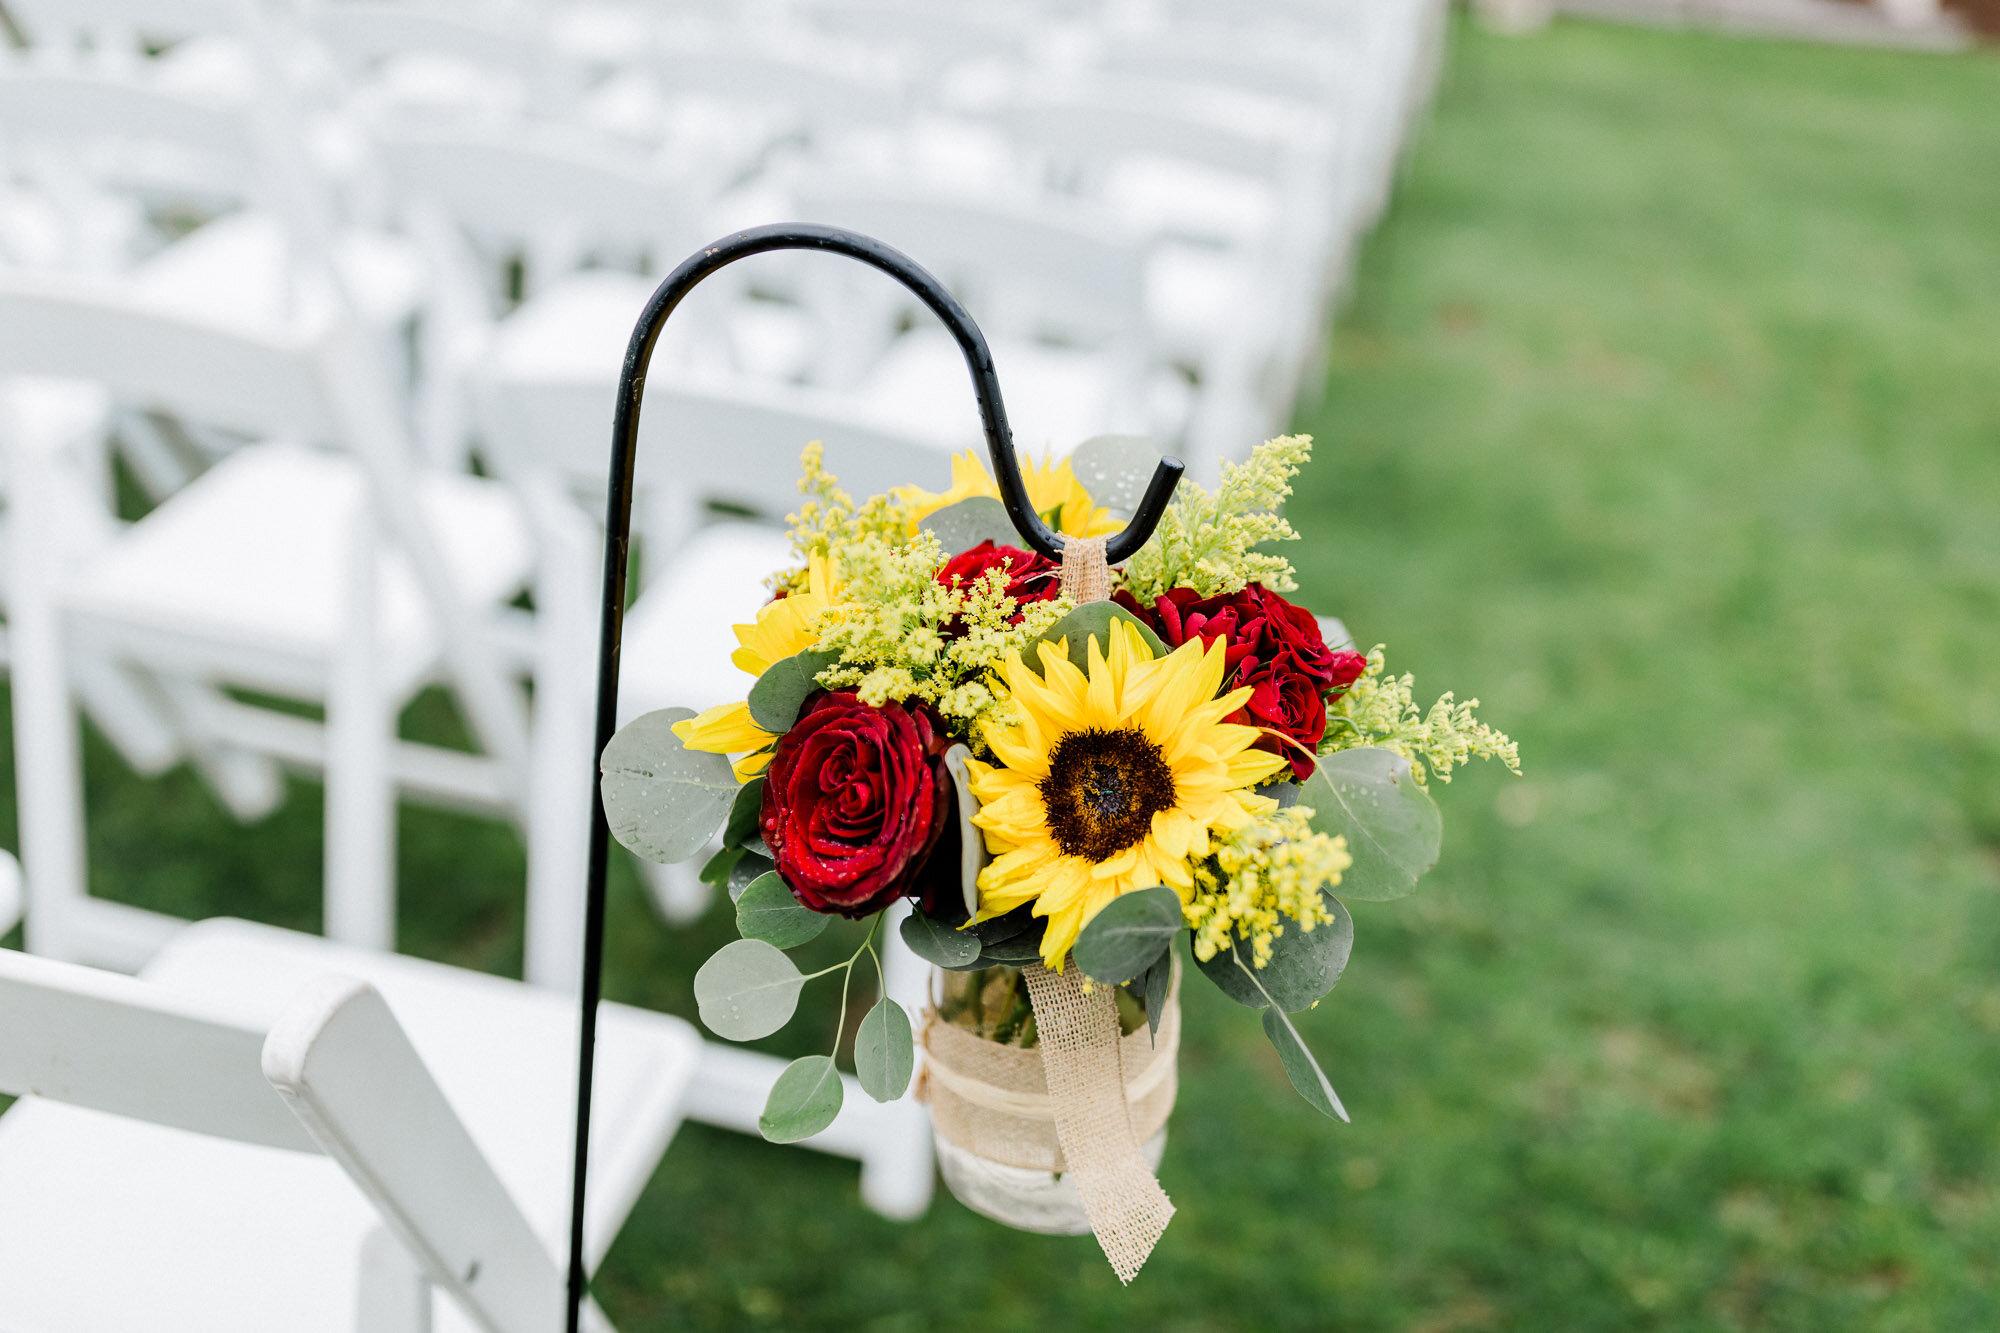 links-hemlock-creek-bloomsburg-wedding-5983.jpg